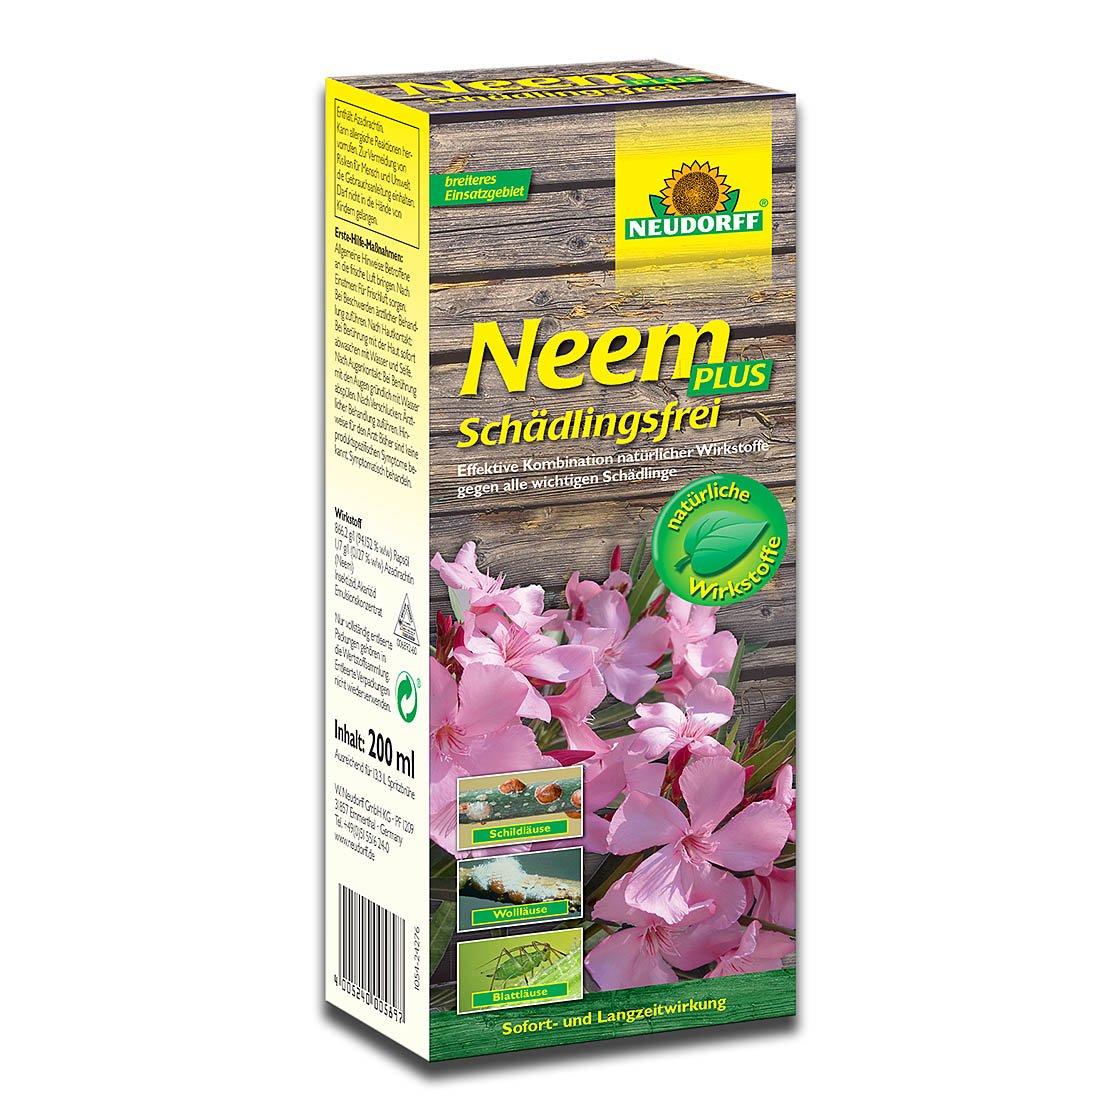 neudorff neem plus sch dlingsfrei 200ml pflanzenschutzmittel wolll use bek mpfen mittel. Black Bedroom Furniture Sets. Home Design Ideas